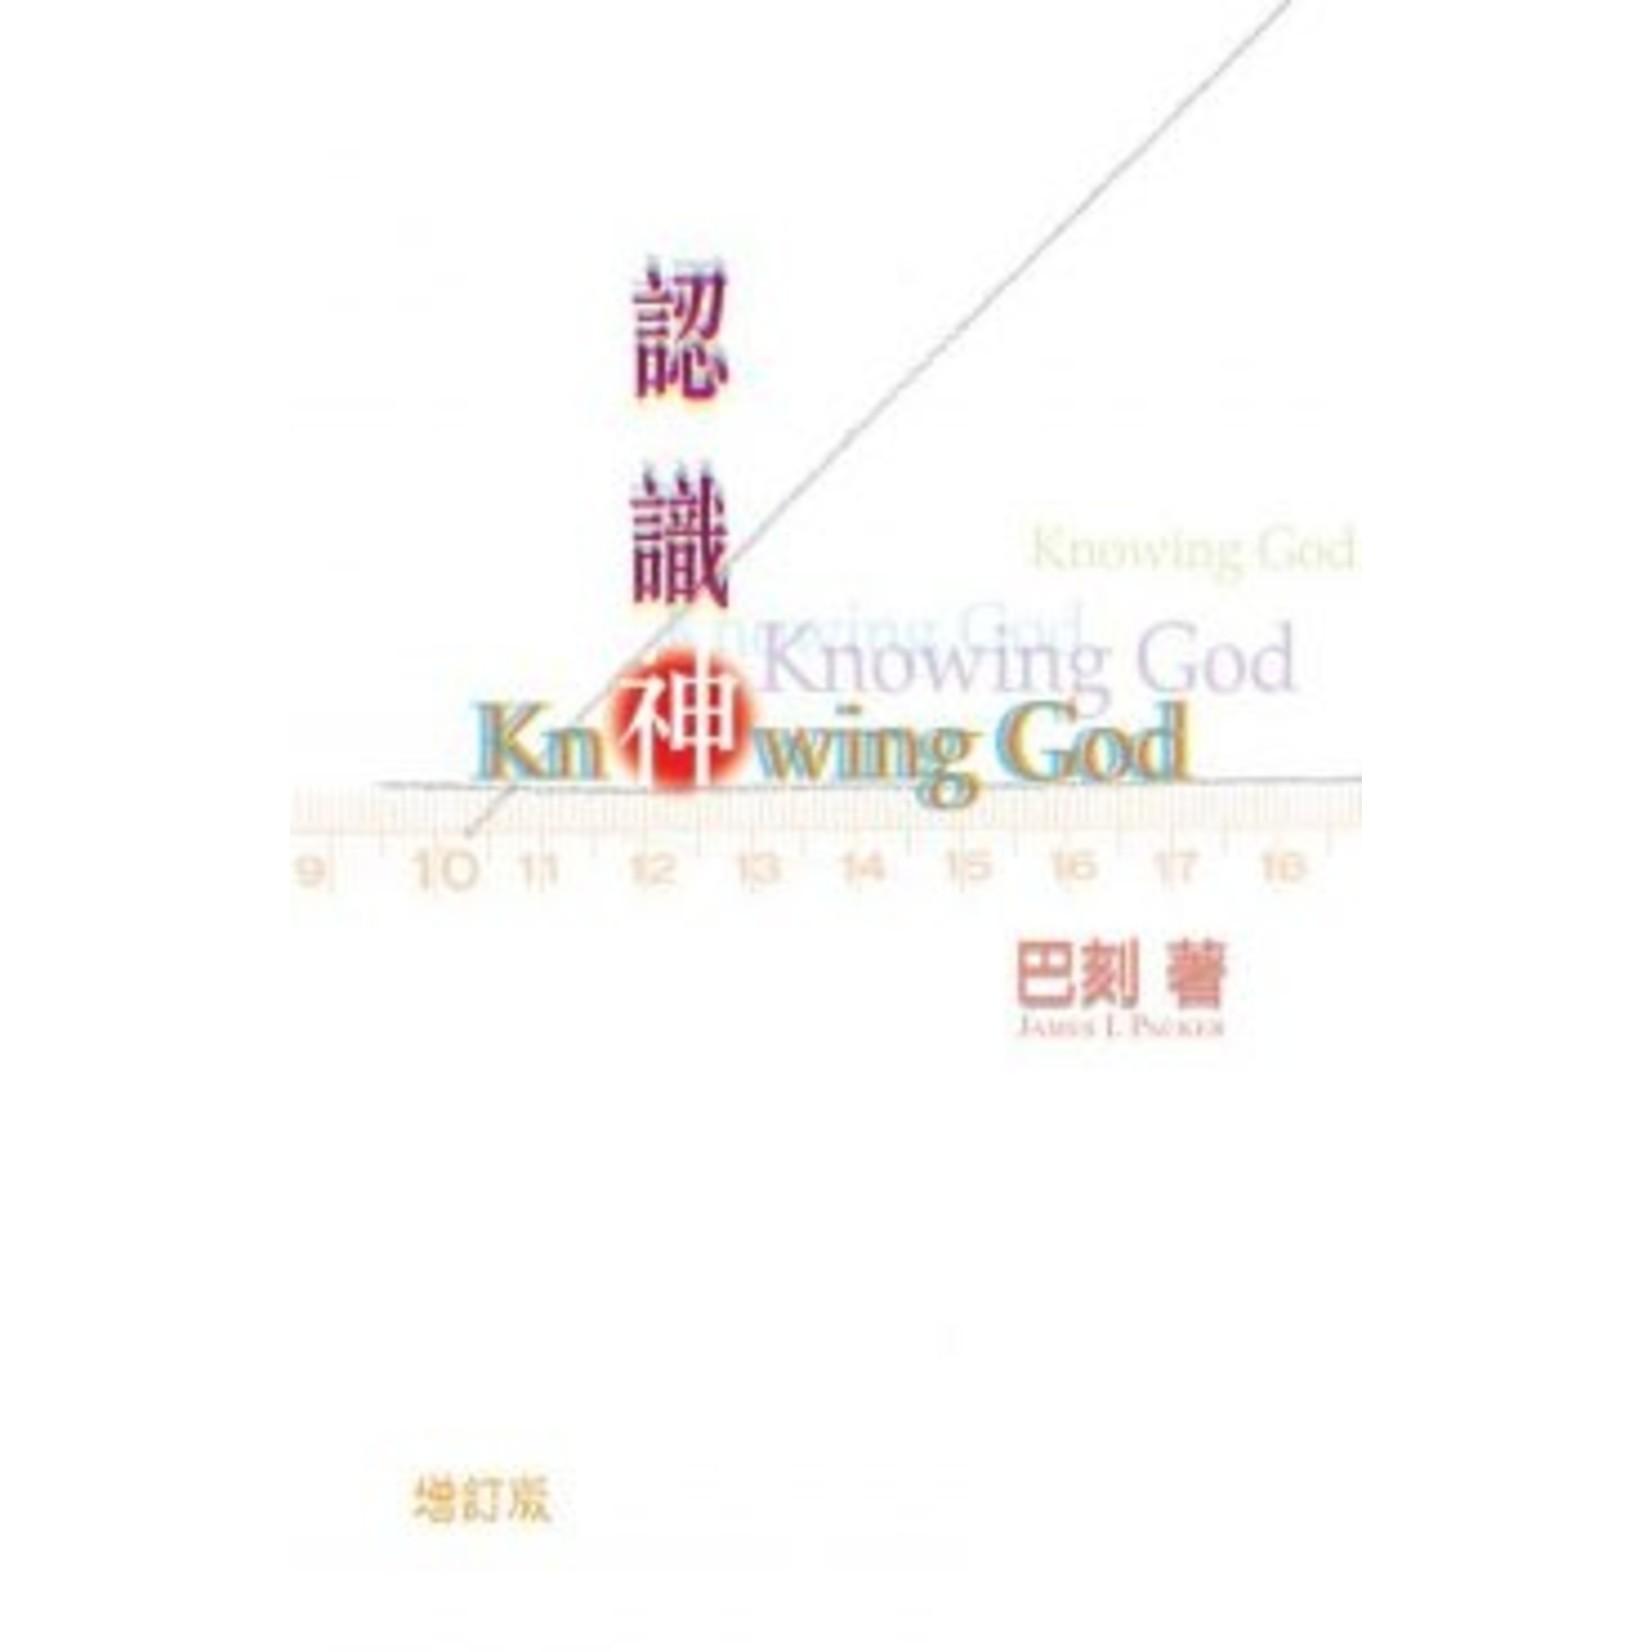 福音證主協會 Christian Communication Inc 認識神(增訂版三版)Knowing God